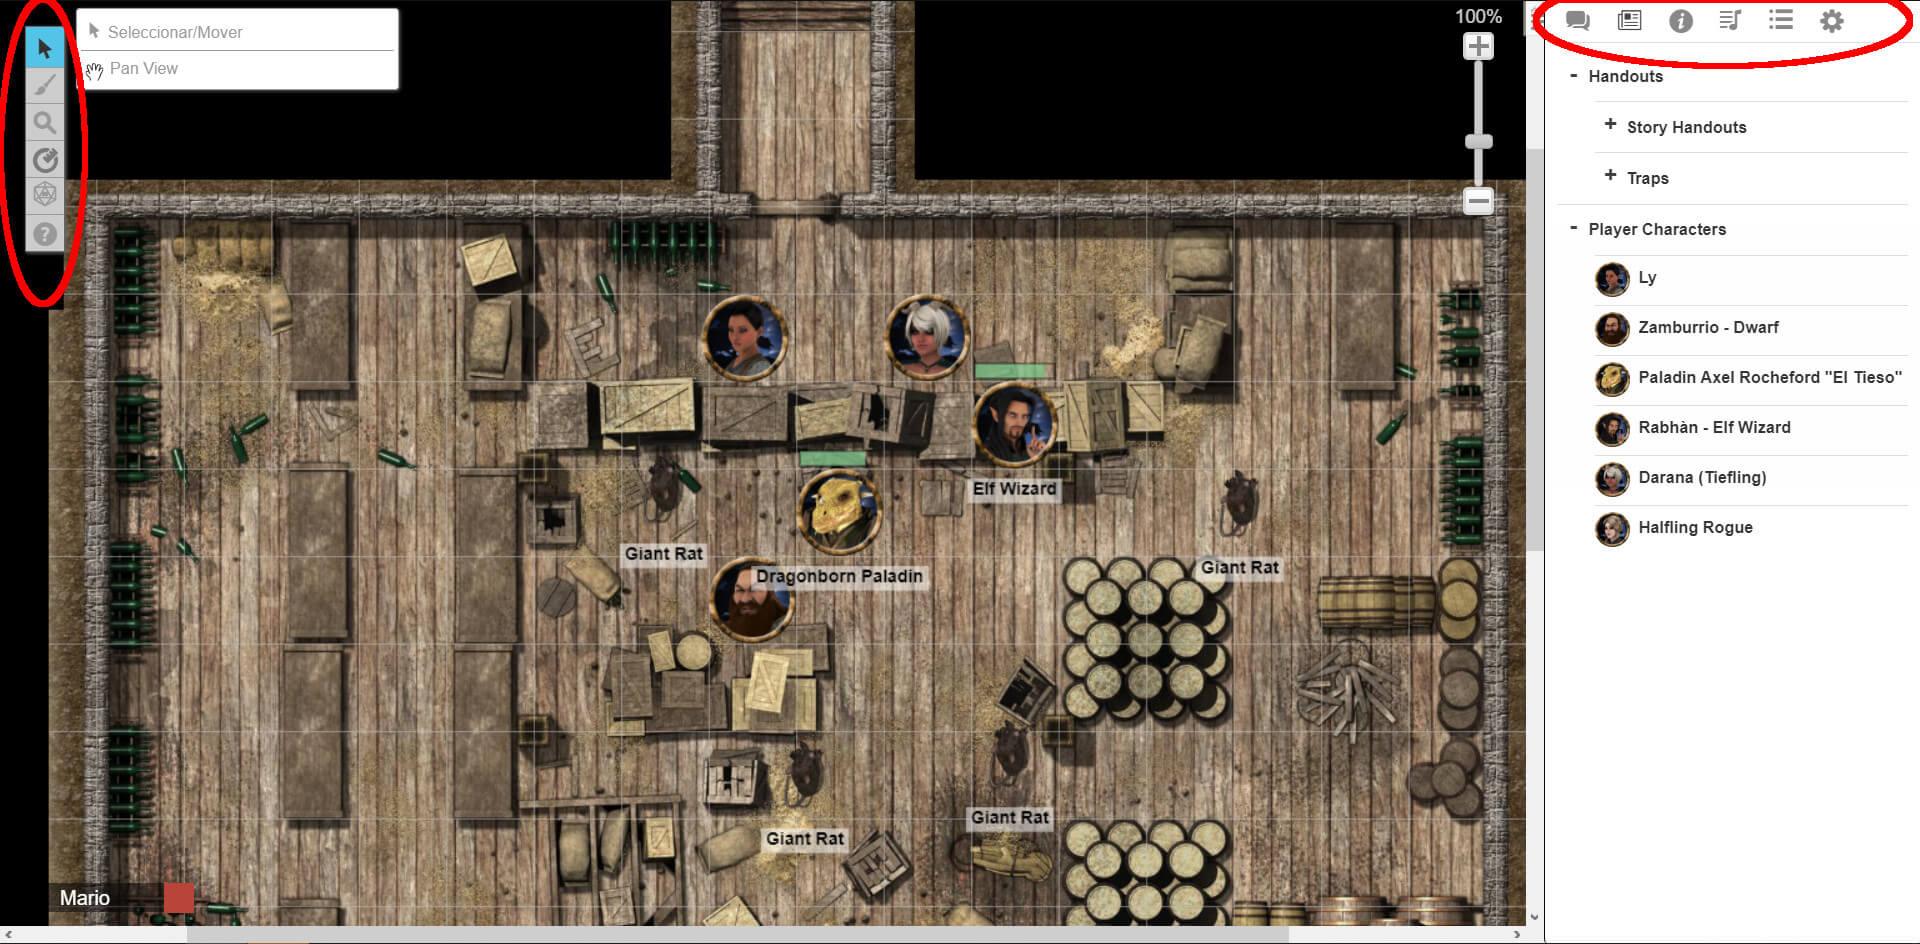 Tutorial para usar Roll20 como jugador, imagen 1